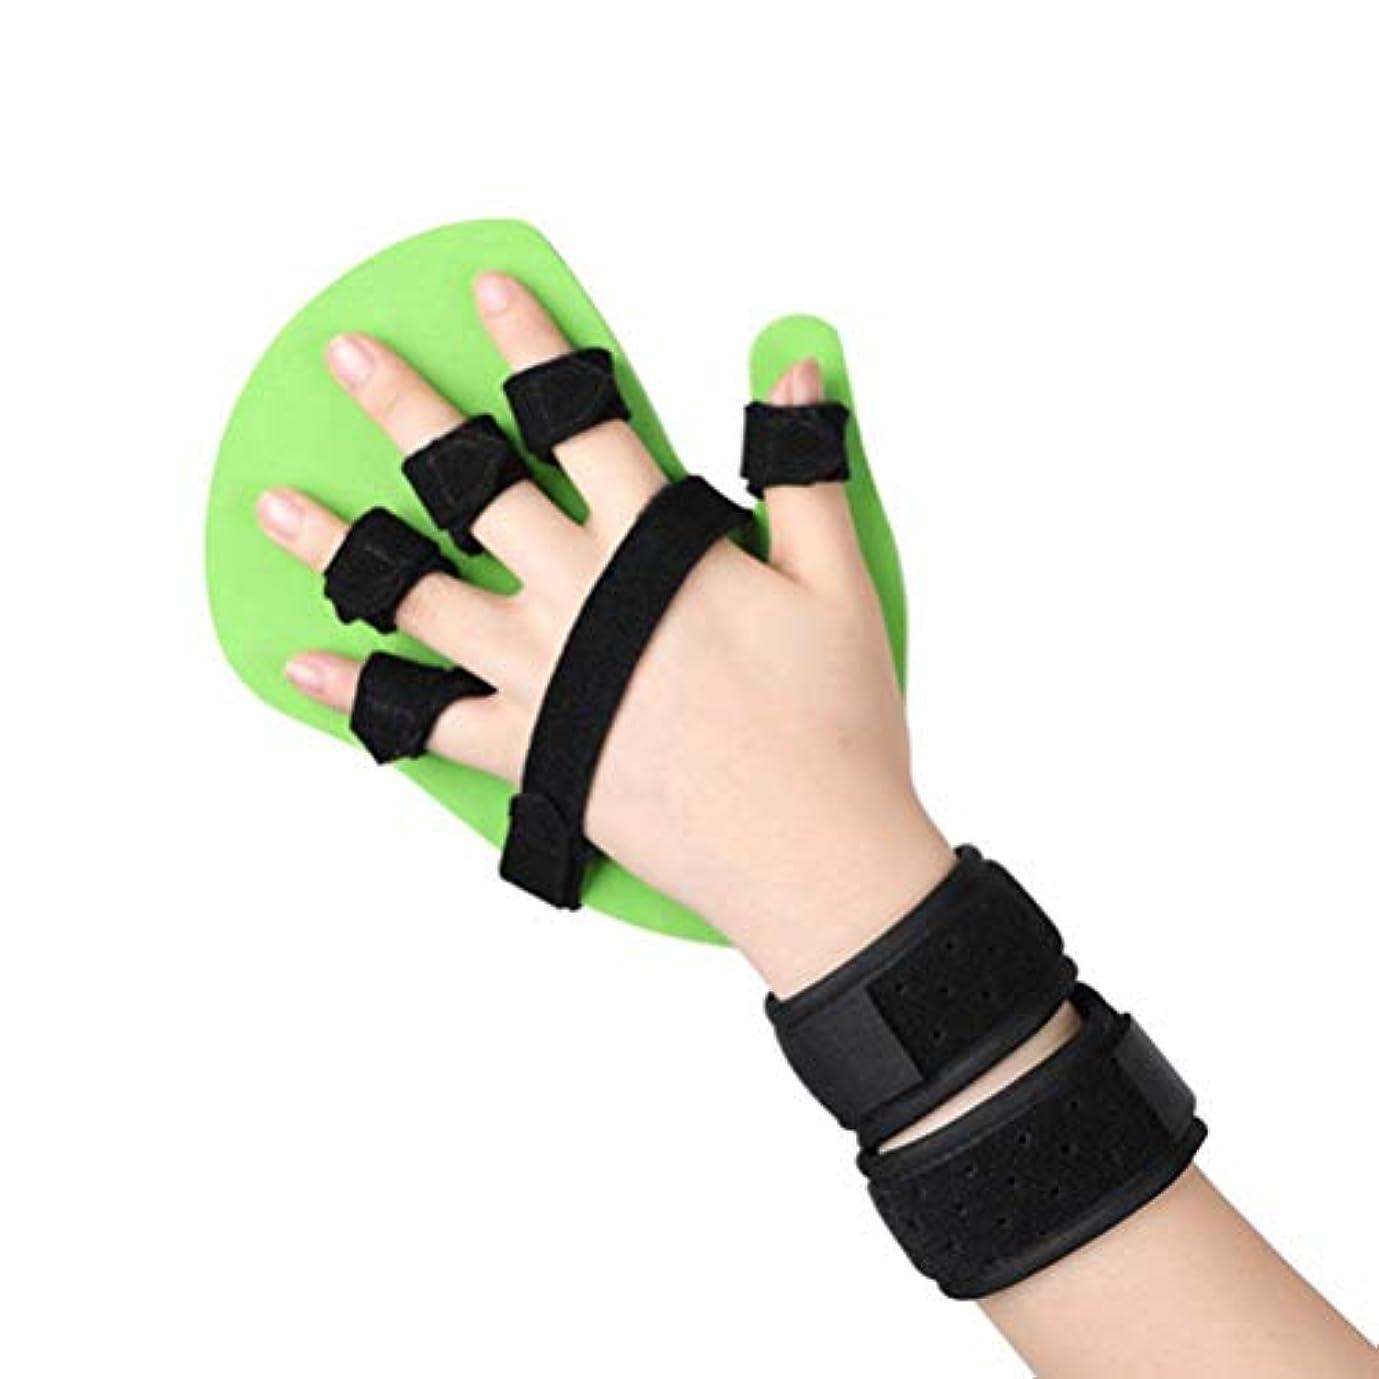 トレイバズ秘書セパレータインソールフィンガートレーニングデバイスフィンガースプリント指、手の手首のトレーニング装具デバイスブレースサポート攣縮拡張ボードスプリント脳卒中片麻痺、左右の手指 (Color : Right, Size : L)